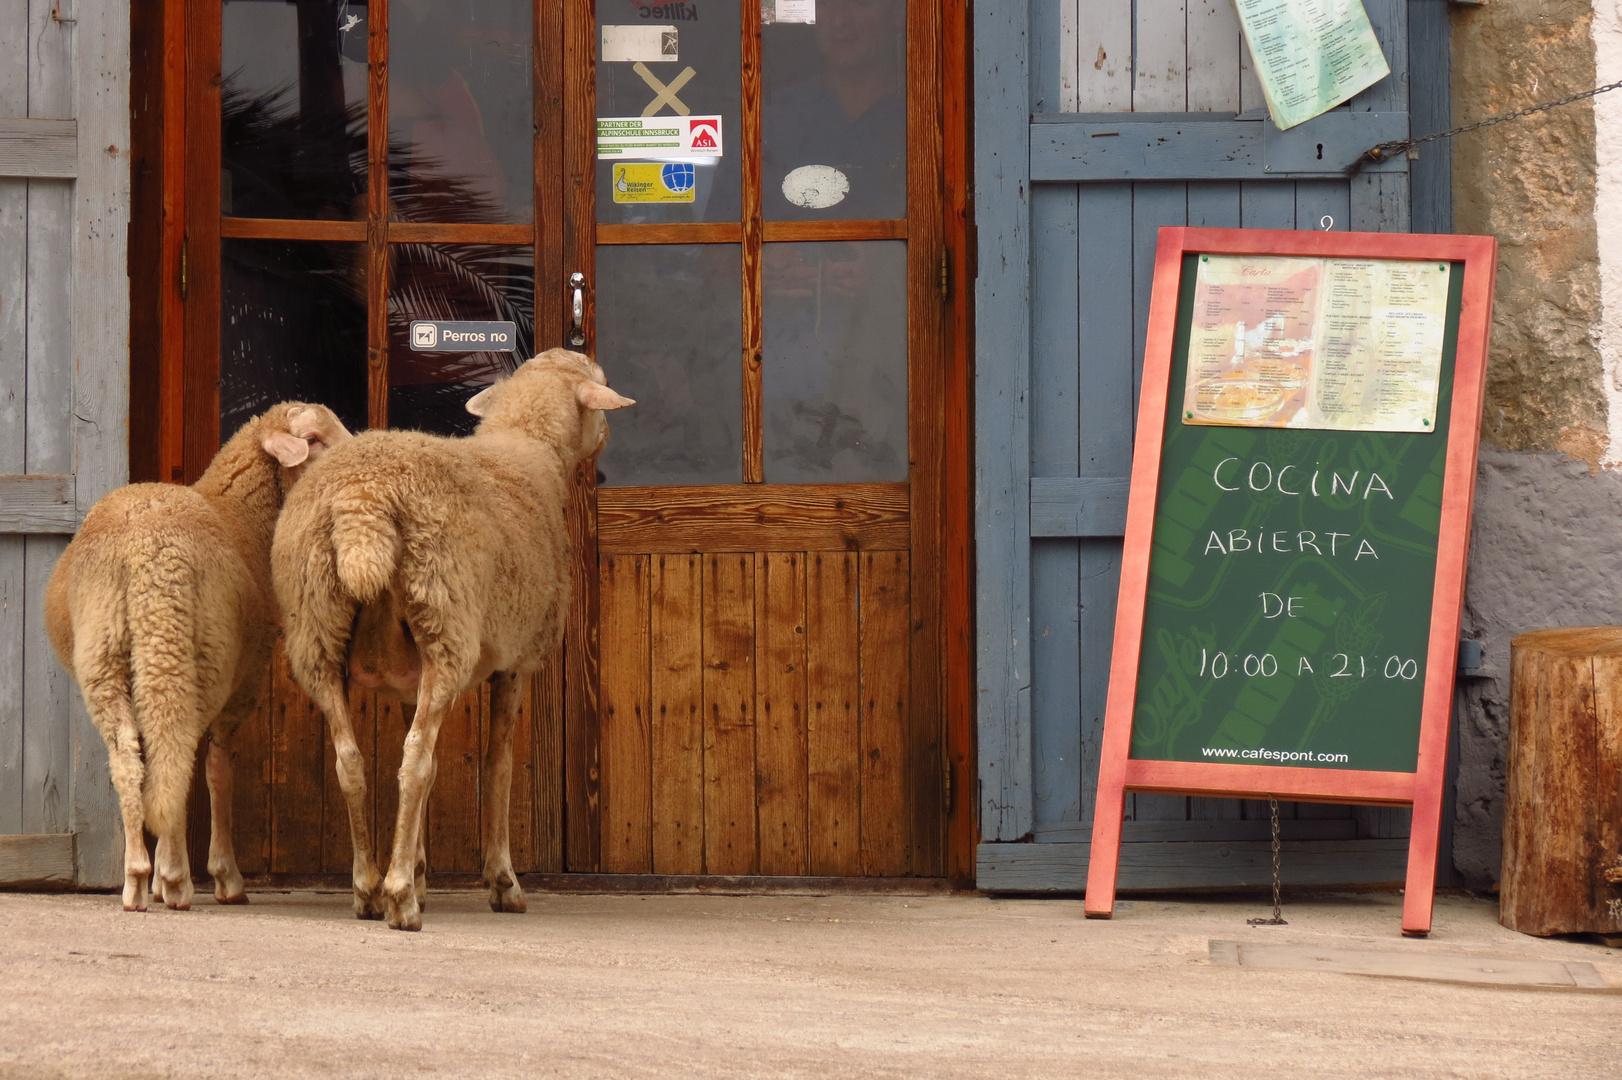 Perros no / Hunde nicht erlaubt! - Und Schafe?